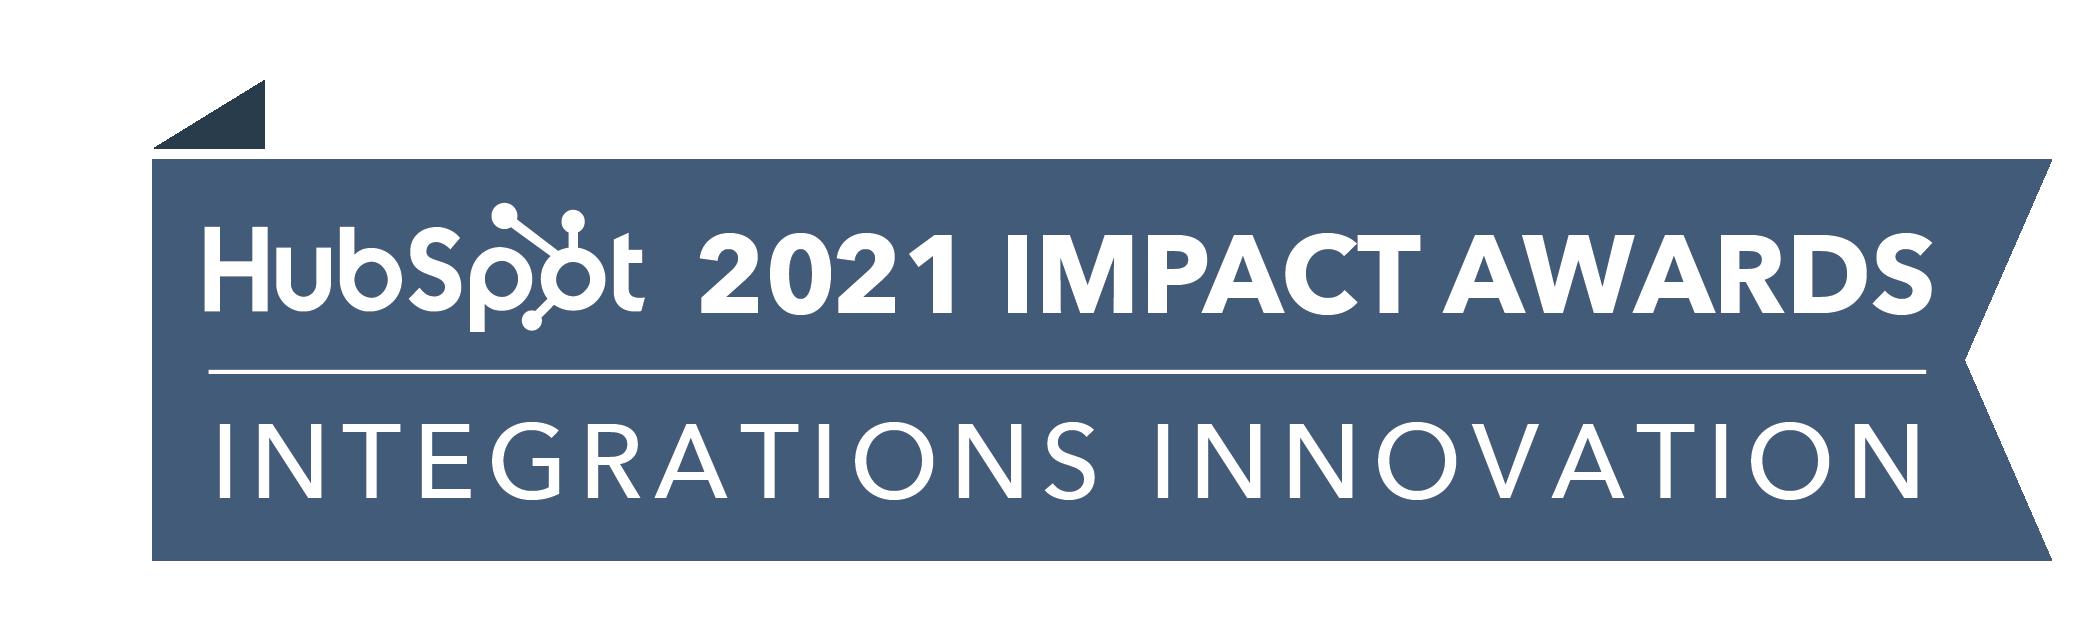 HubSpot_ImpactAwards_2021_IntegrationsInnov2-1